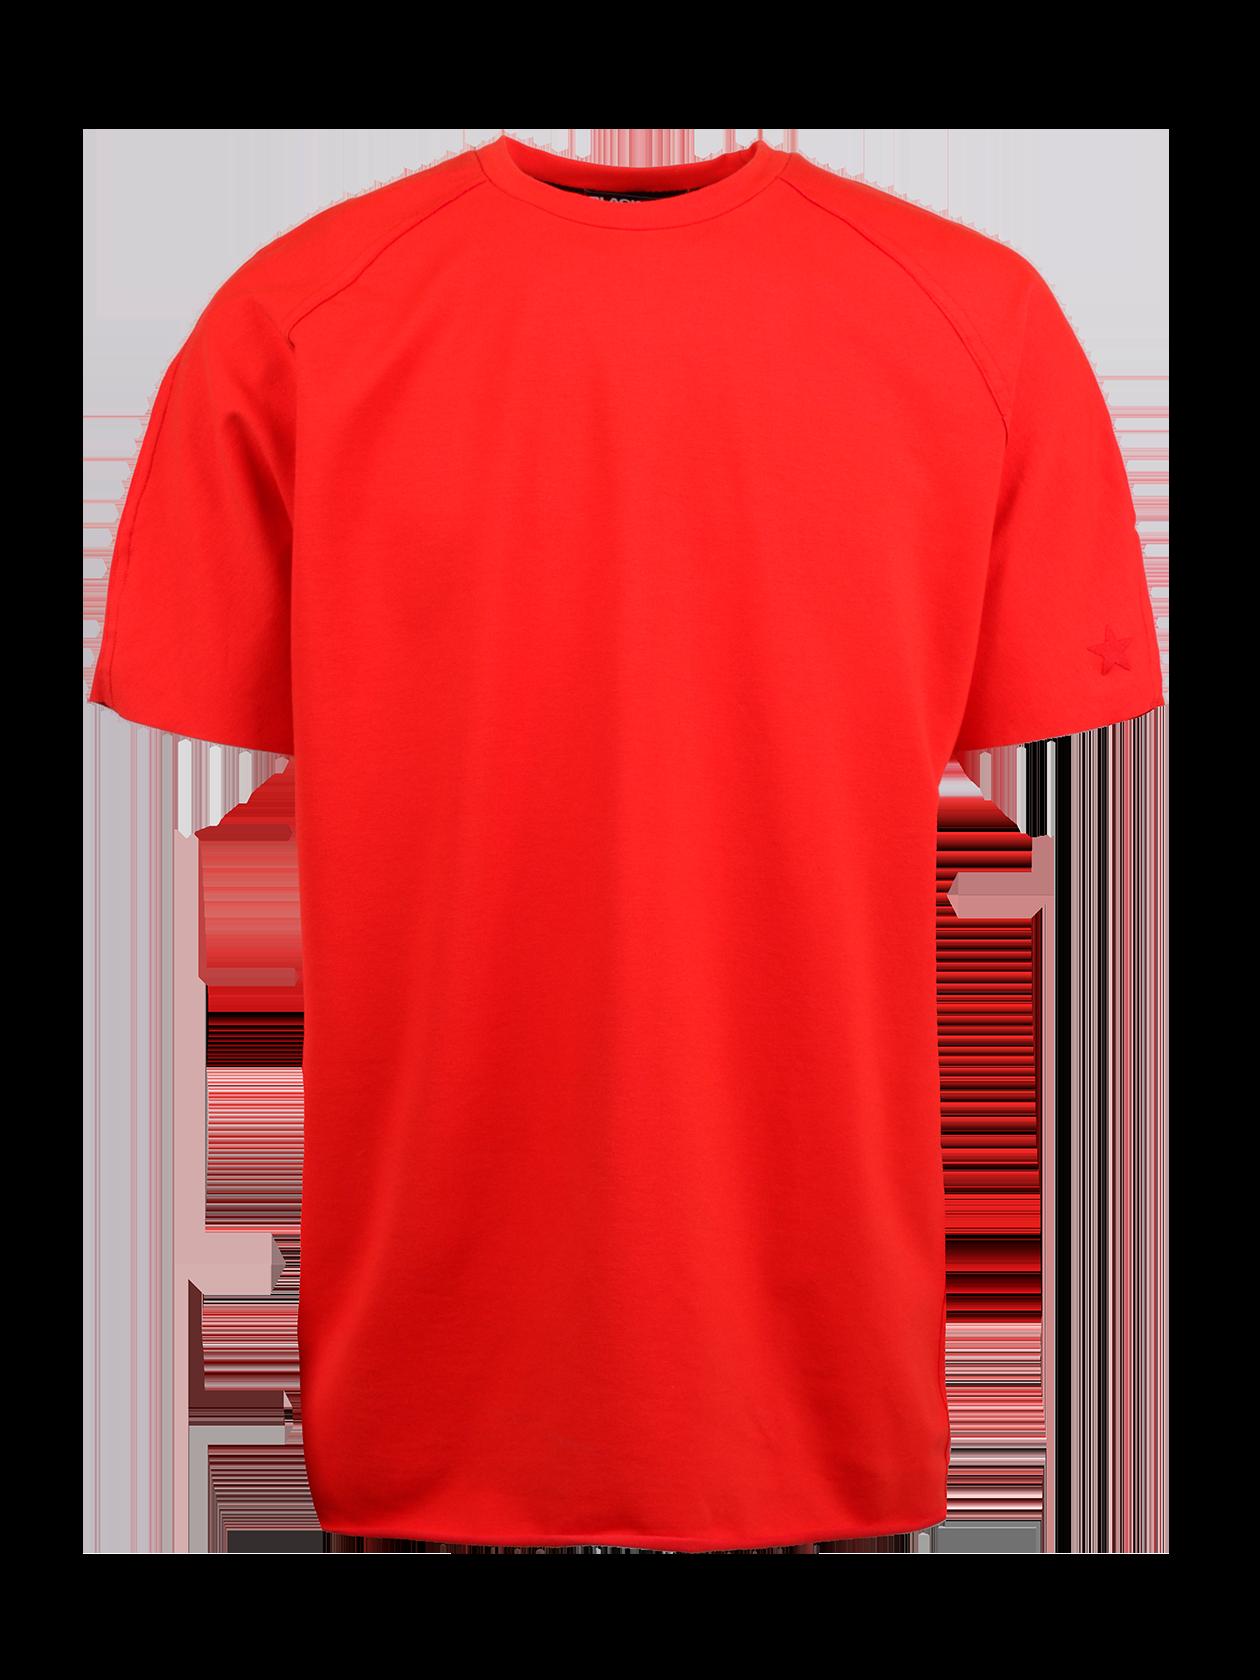 Футболка мужская RED STARФутболка мужская Red Star – яркое дополнение стиля на каждый день. Модель представлена в эффектной красной расцветке. Силуэт прямой, свободный, удлиненный. Небольшой рукав-реглан, переходящий на спинке в отдельную деталь. На краю левого рукава стильный принт в виде красной звезды. Горловина узкой округлой формы с эластичным кантом и фирменной нашивкой Black Star Wear, оформленной по внутренней стороне спинки. Натуральный высококачественный хлопок обеспечивает практичность и комфортность вещи.<br><br>Размер: XS<br>Цвет: Красный<br>Пол: Мужской